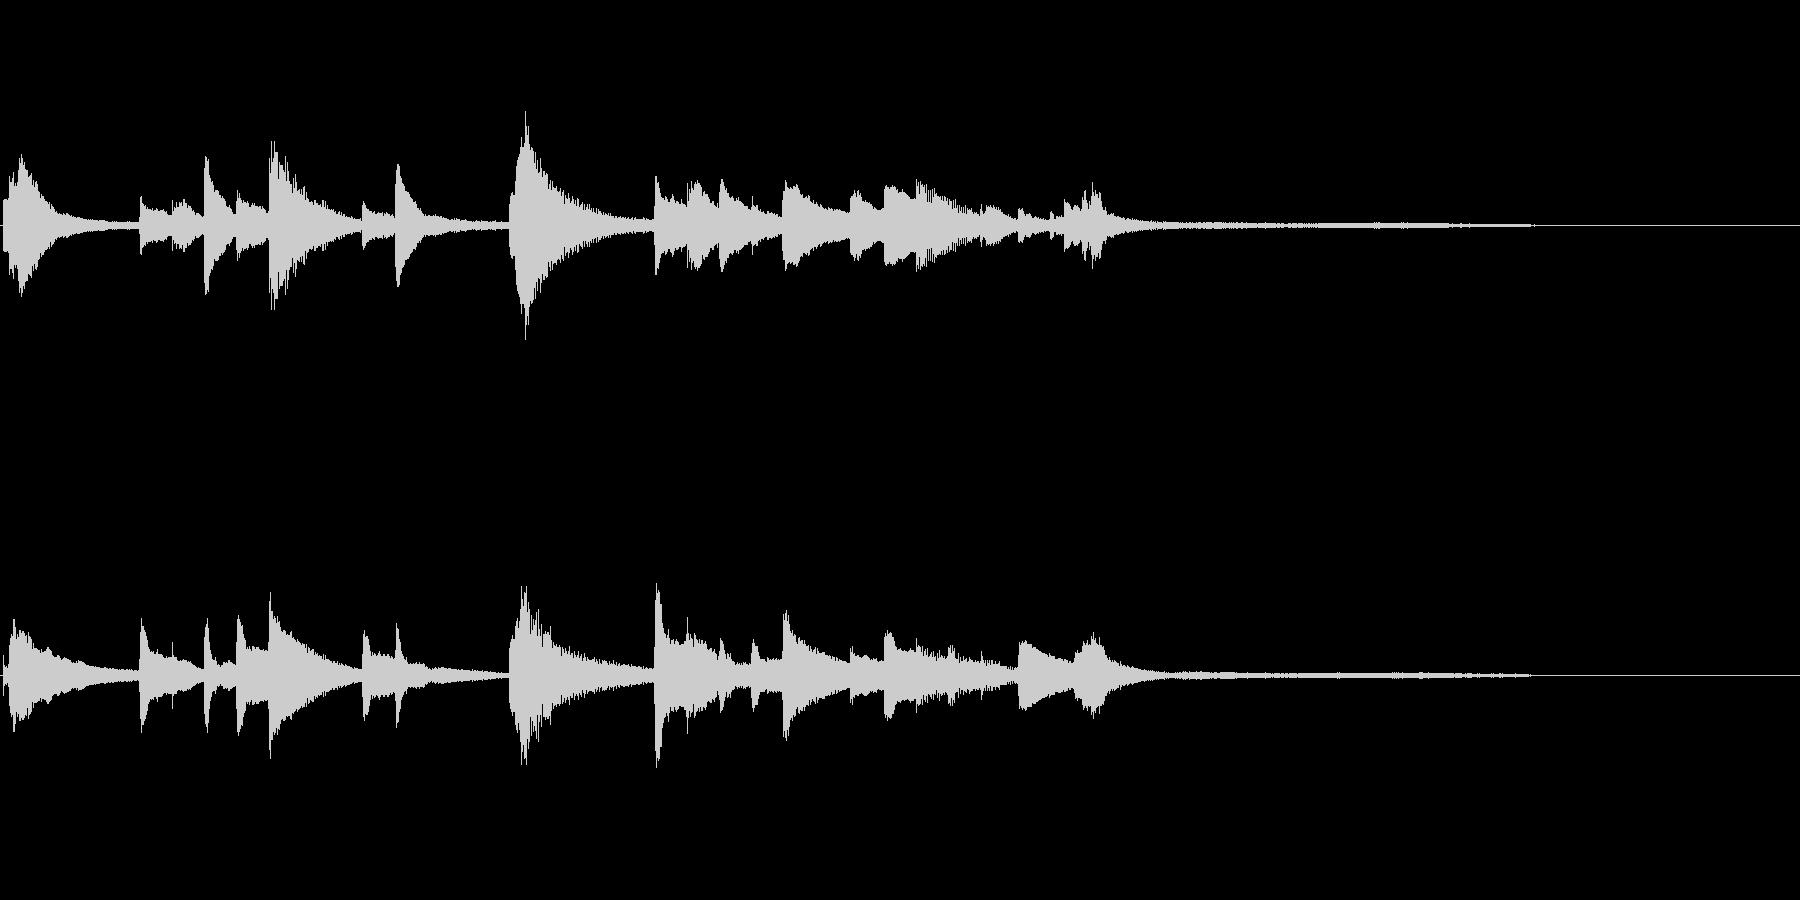 場面転換に適したピアノソロ曲の未再生の波形